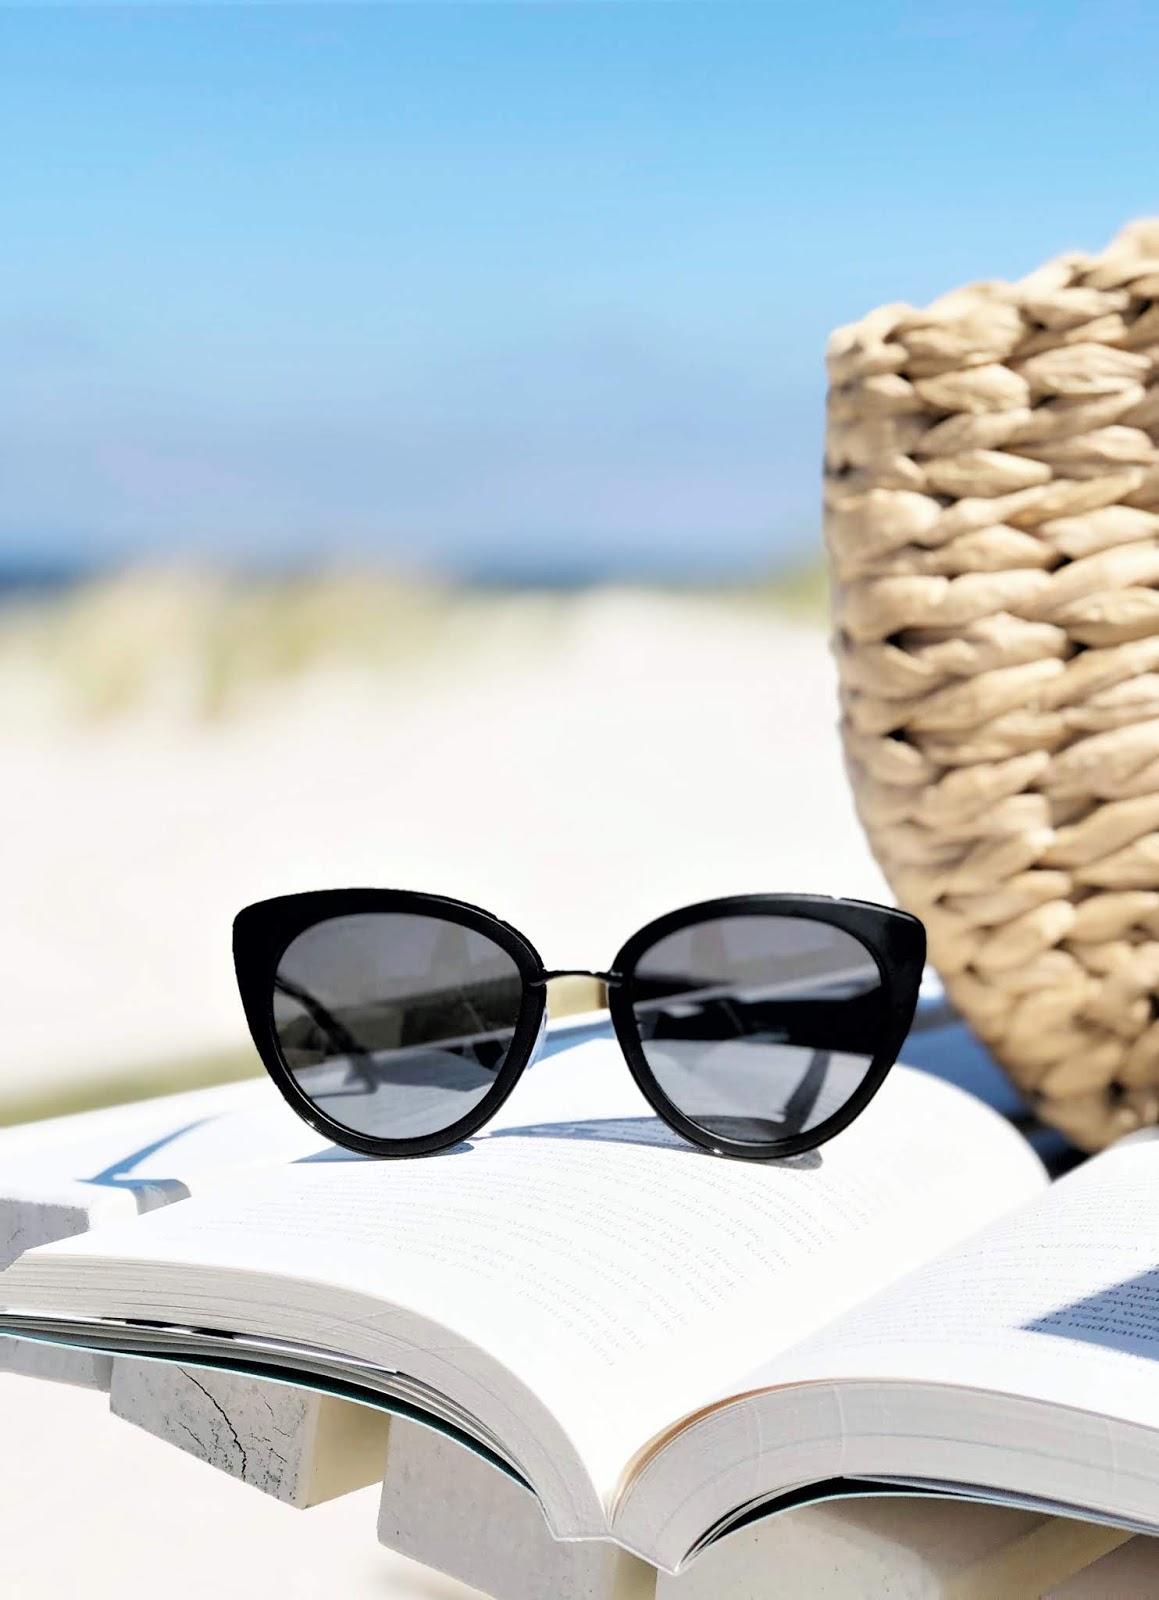 dlaczego-okulary-przeciwsloneczne-lepiej-kupic-u-optyka-a-nie-w-sieciowce-odziezowej